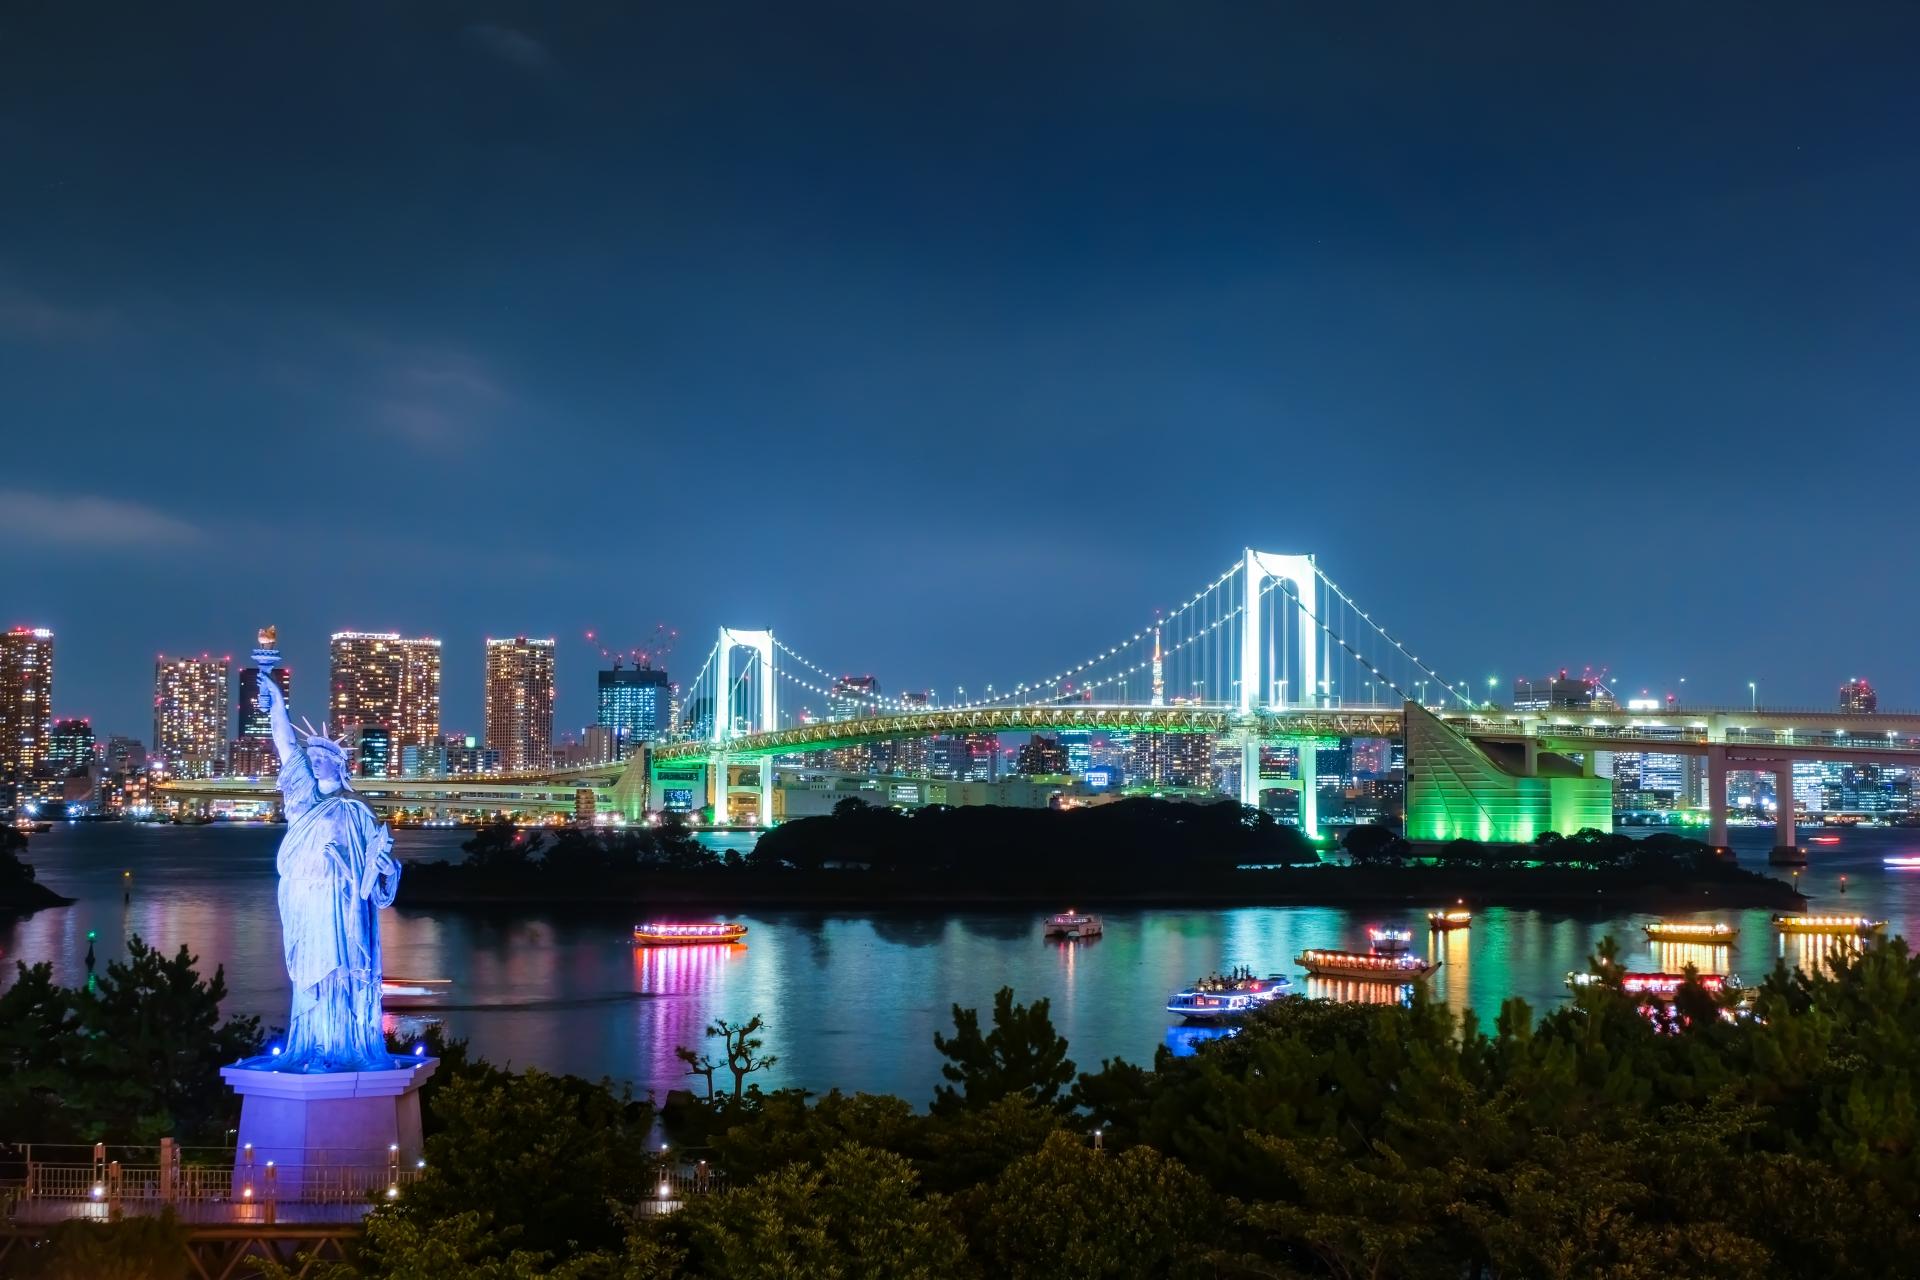 東京の夜デートおすすめスポット25選!仕事帰りに楽しめる人気の場所をご紹介!